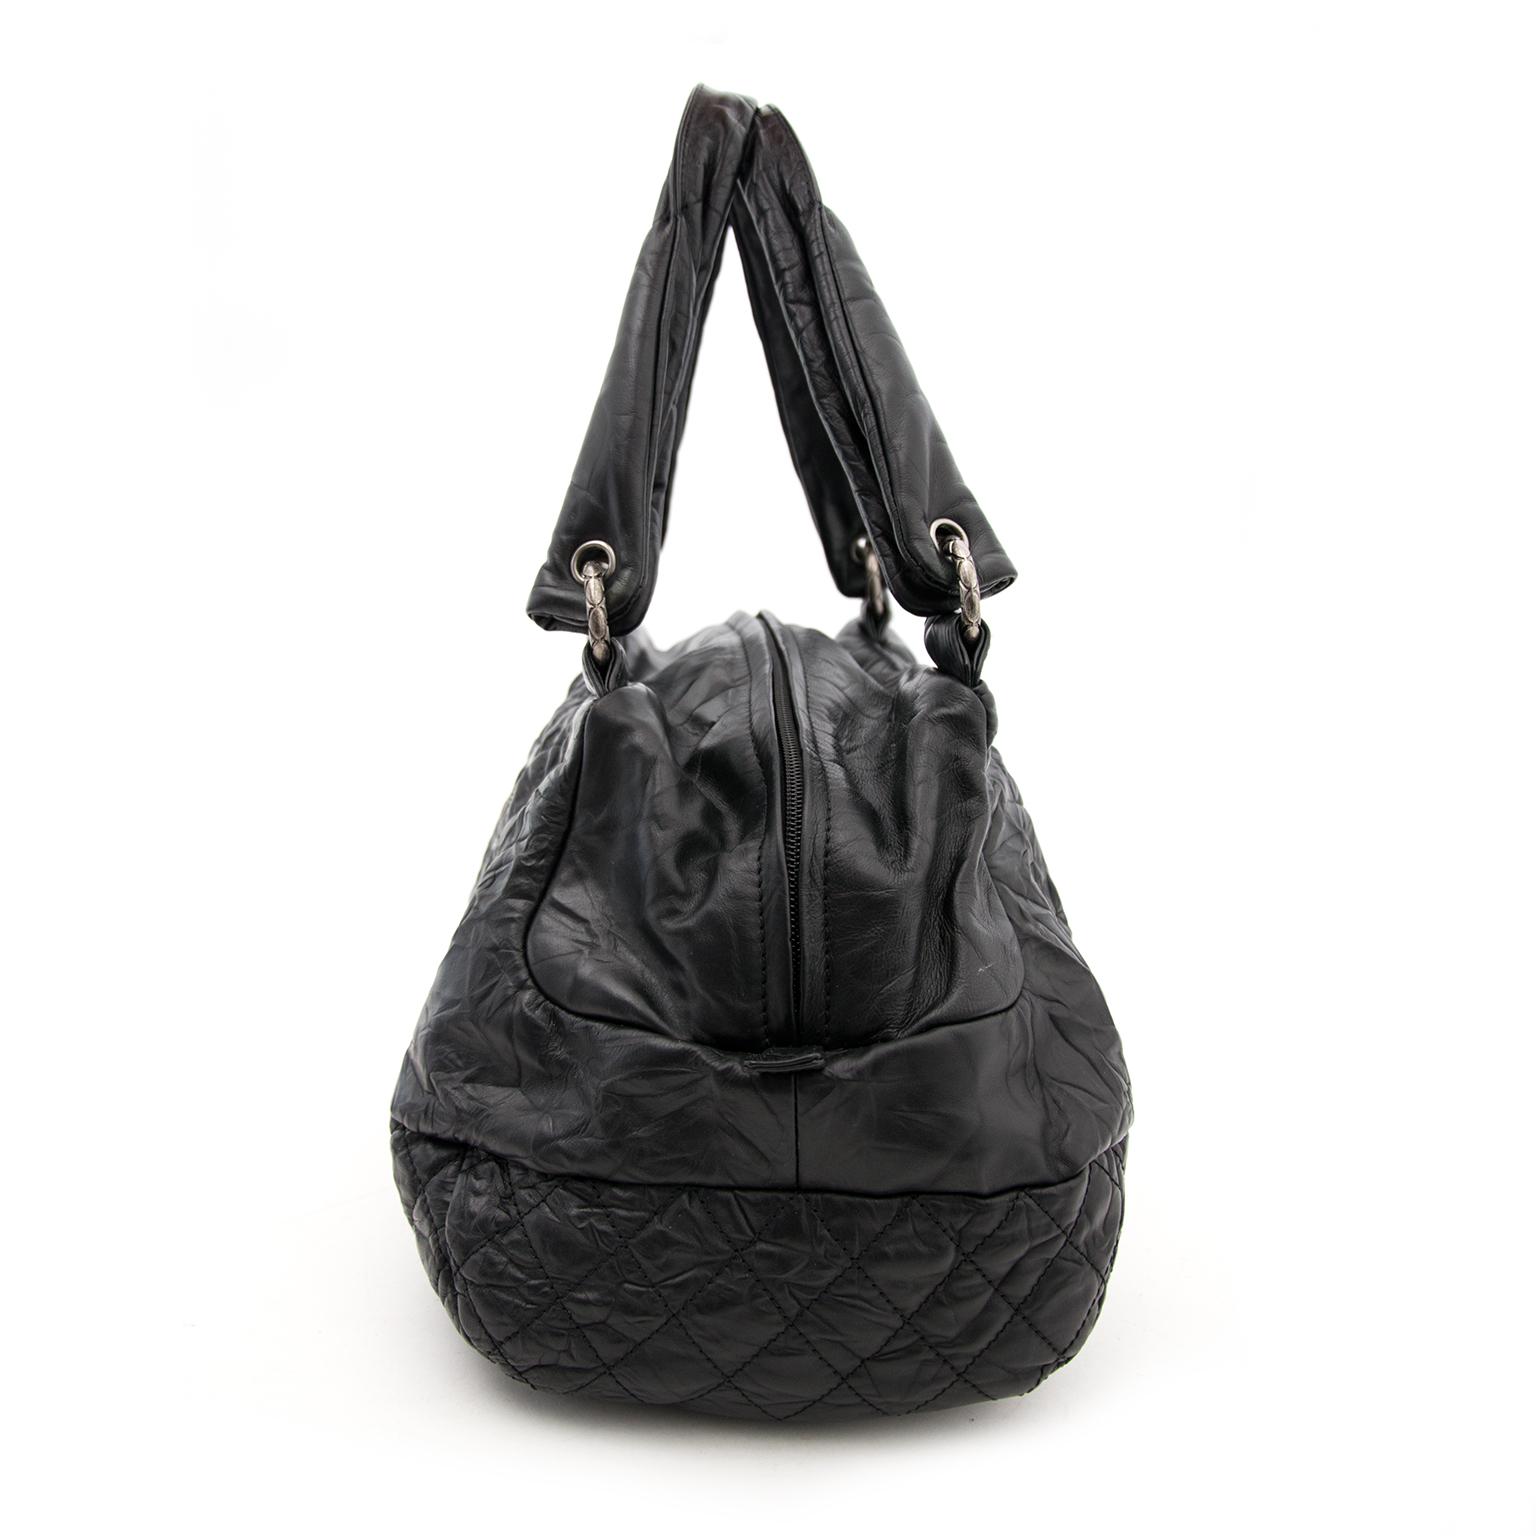 Koop nu zonder risico een zwarte Chanel Hobo tas aan de beste prijs op www.labellov.com